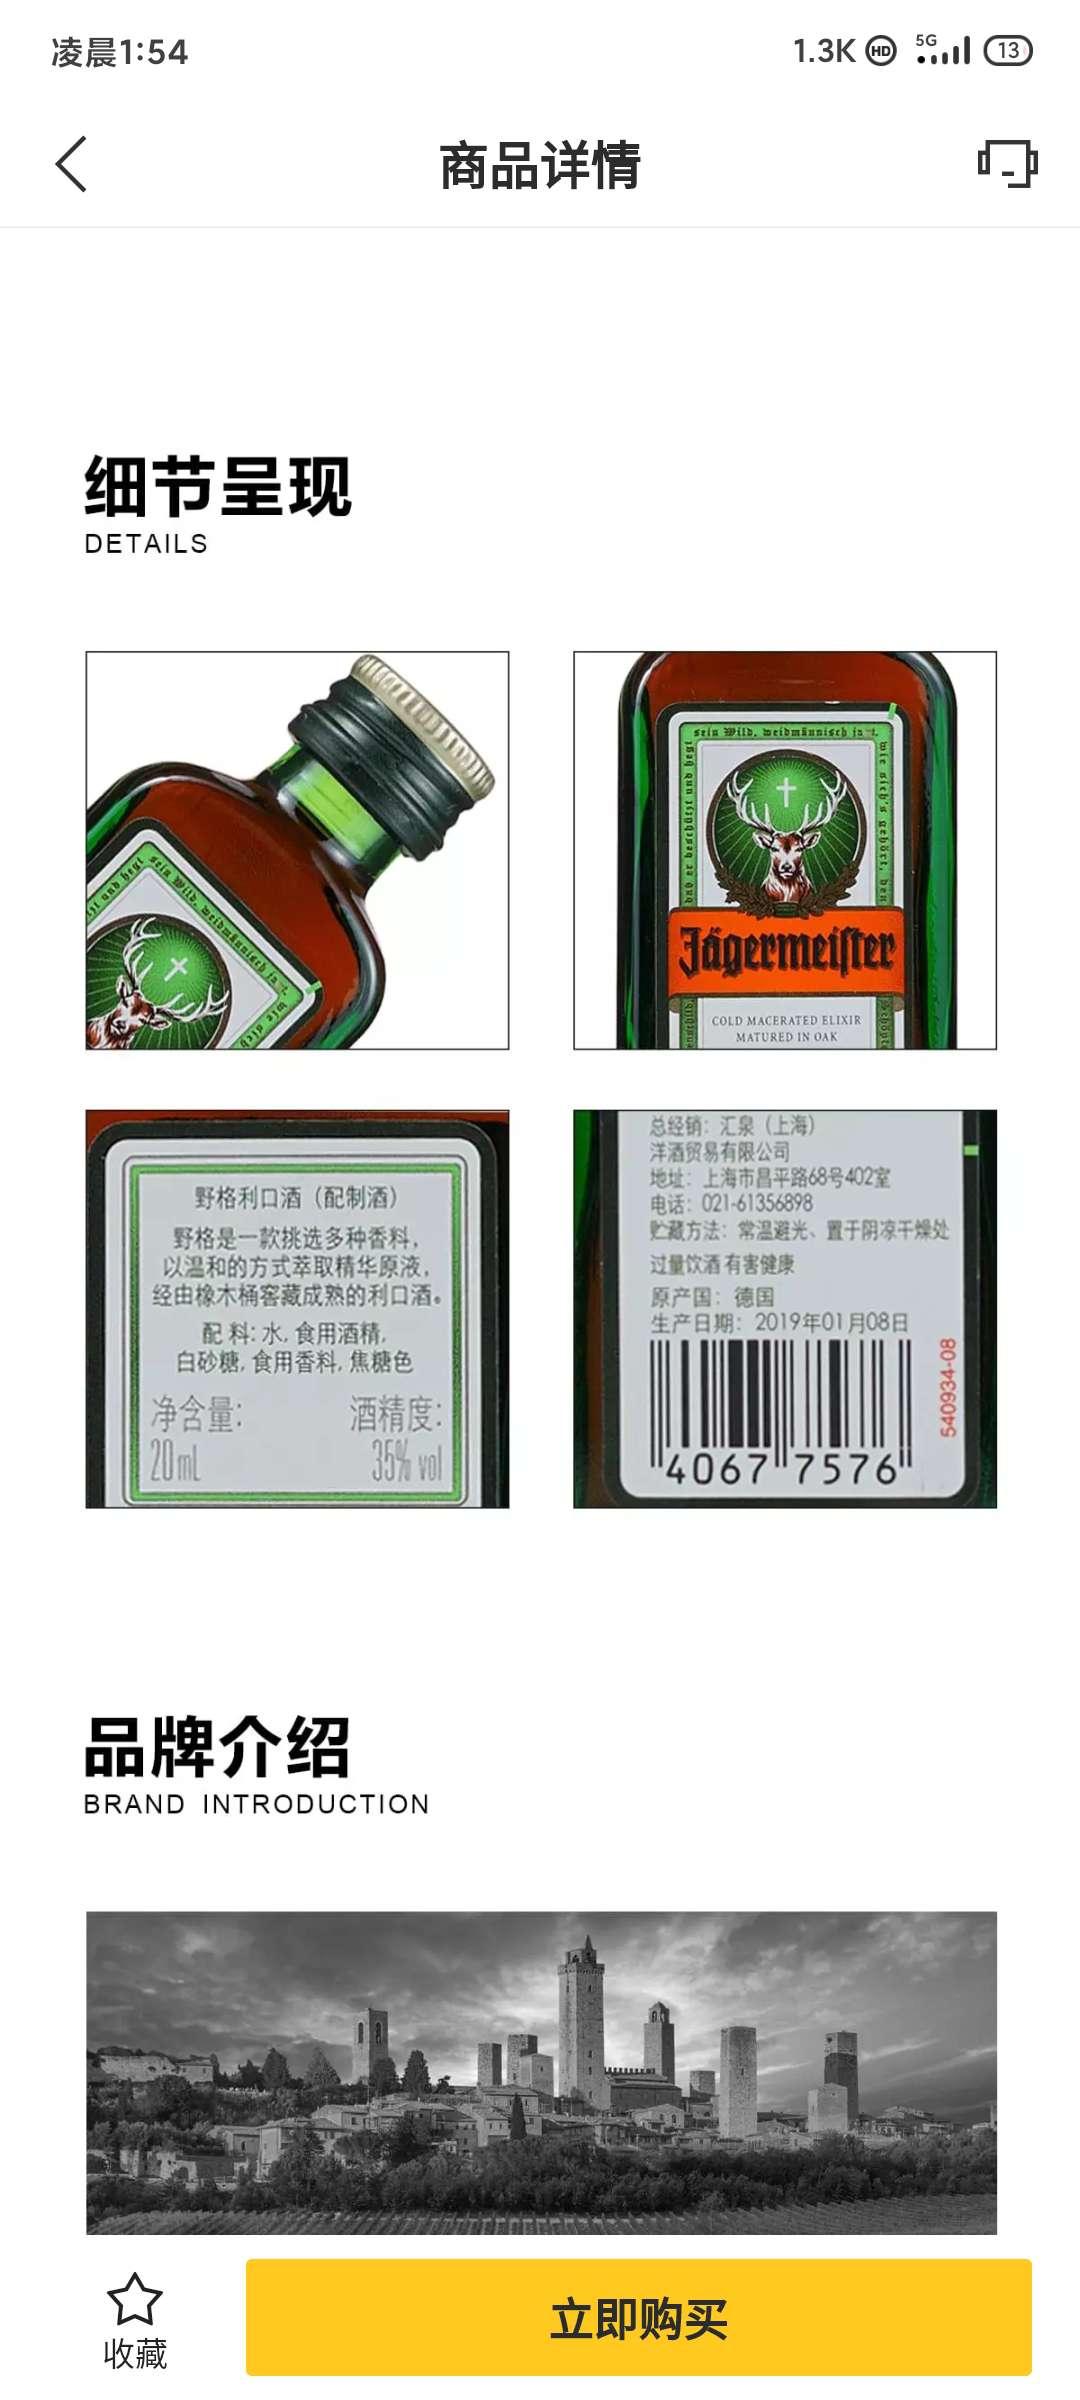 图片[5]-百瓶app一元撸 德国酒-老友薅羊毛活动线报网